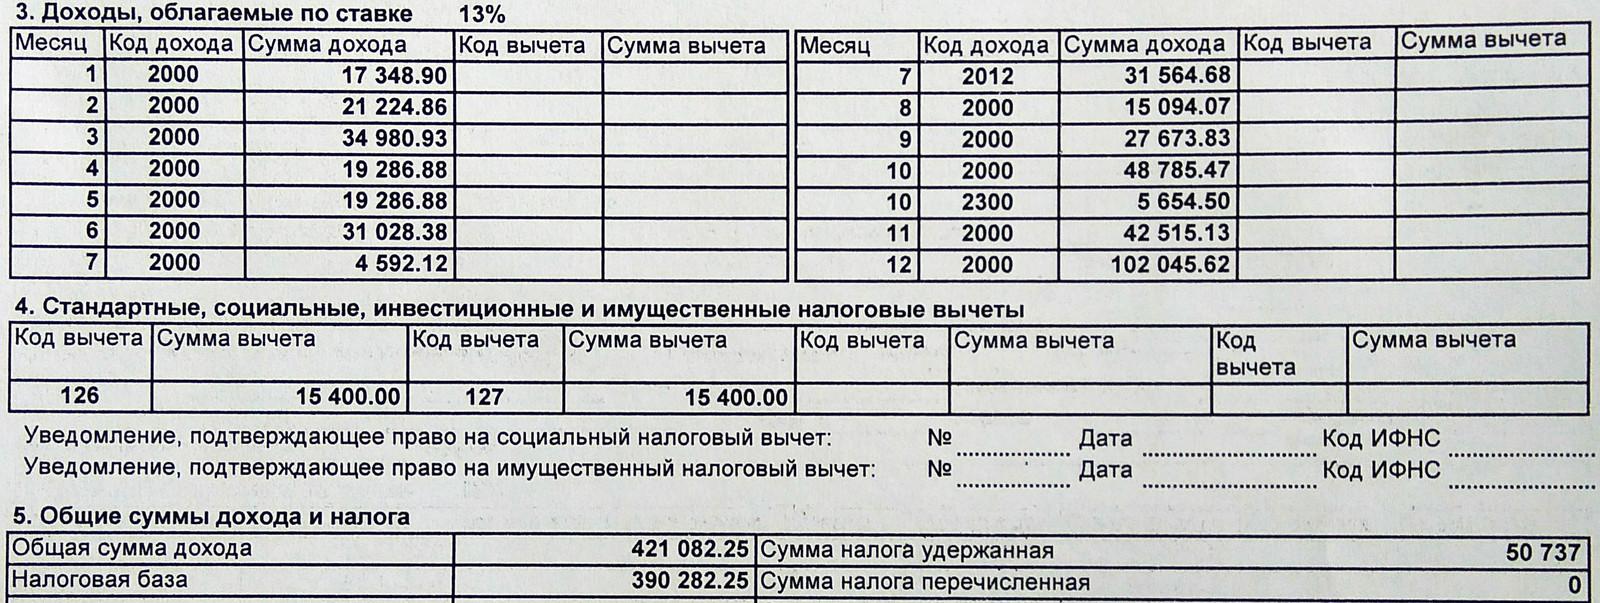 Депортация иностранных граждан с семьей из россии